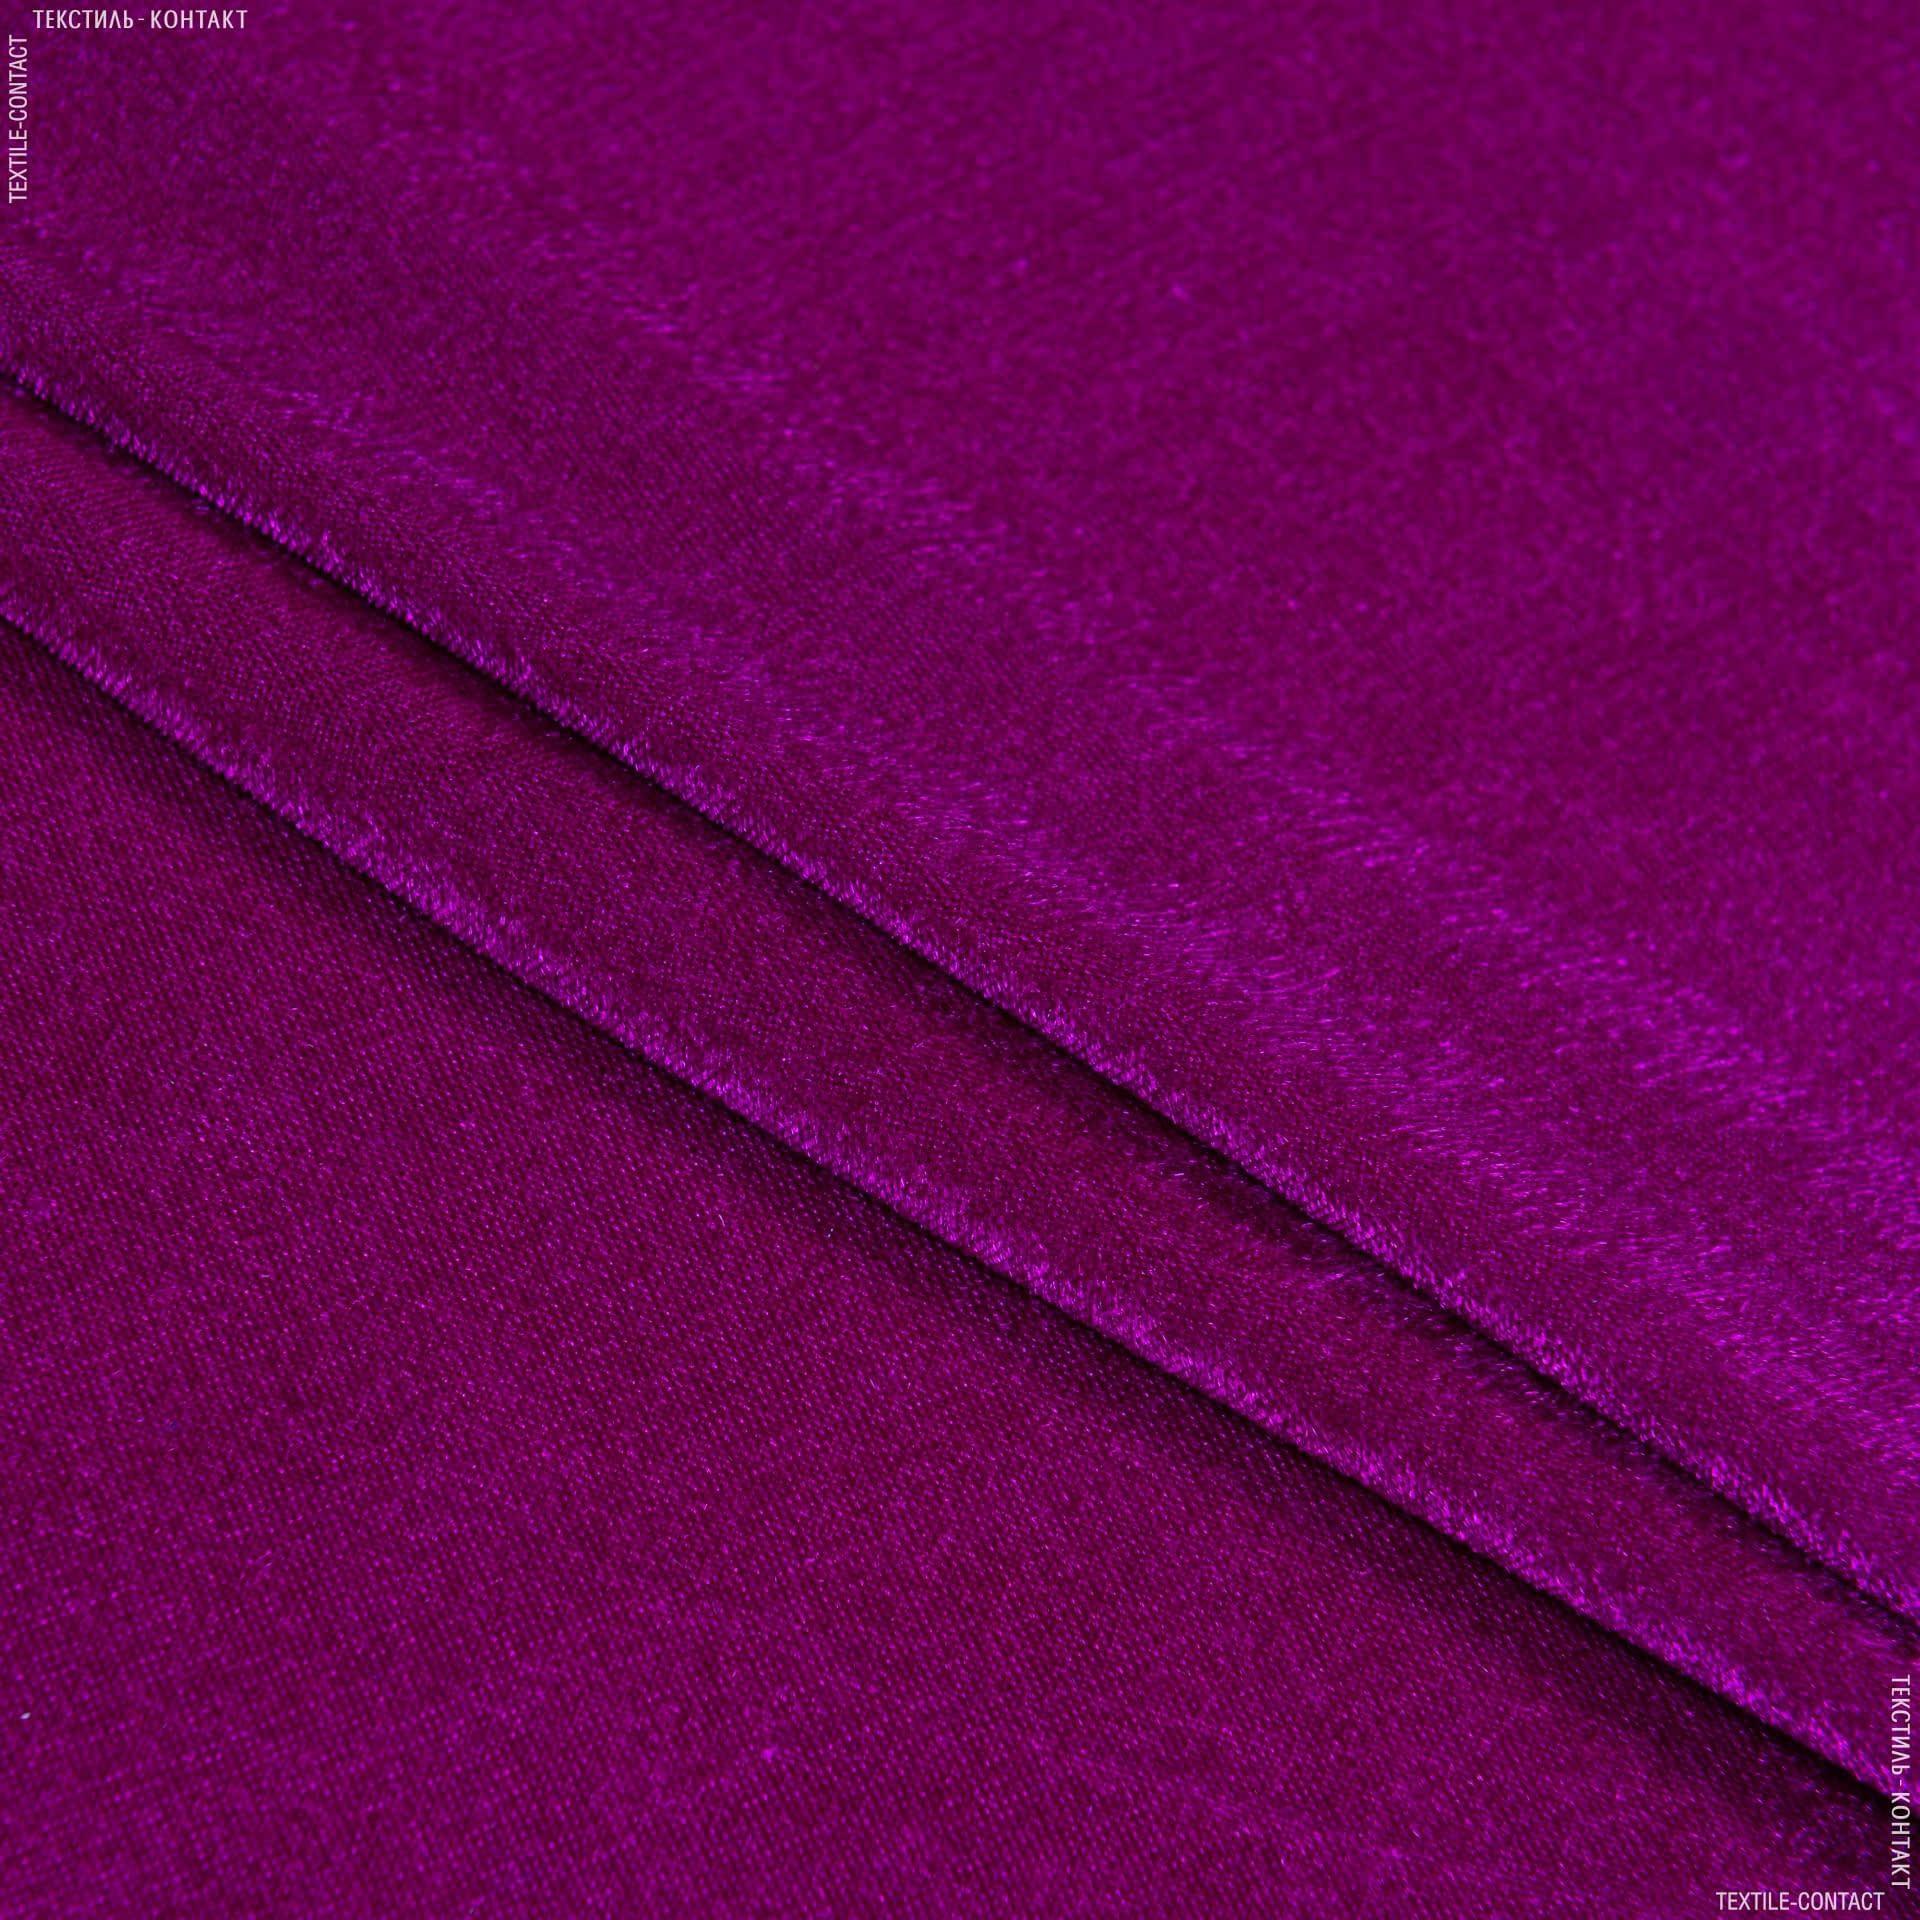 Тканини для суконь - Велюр стрейч фуксія